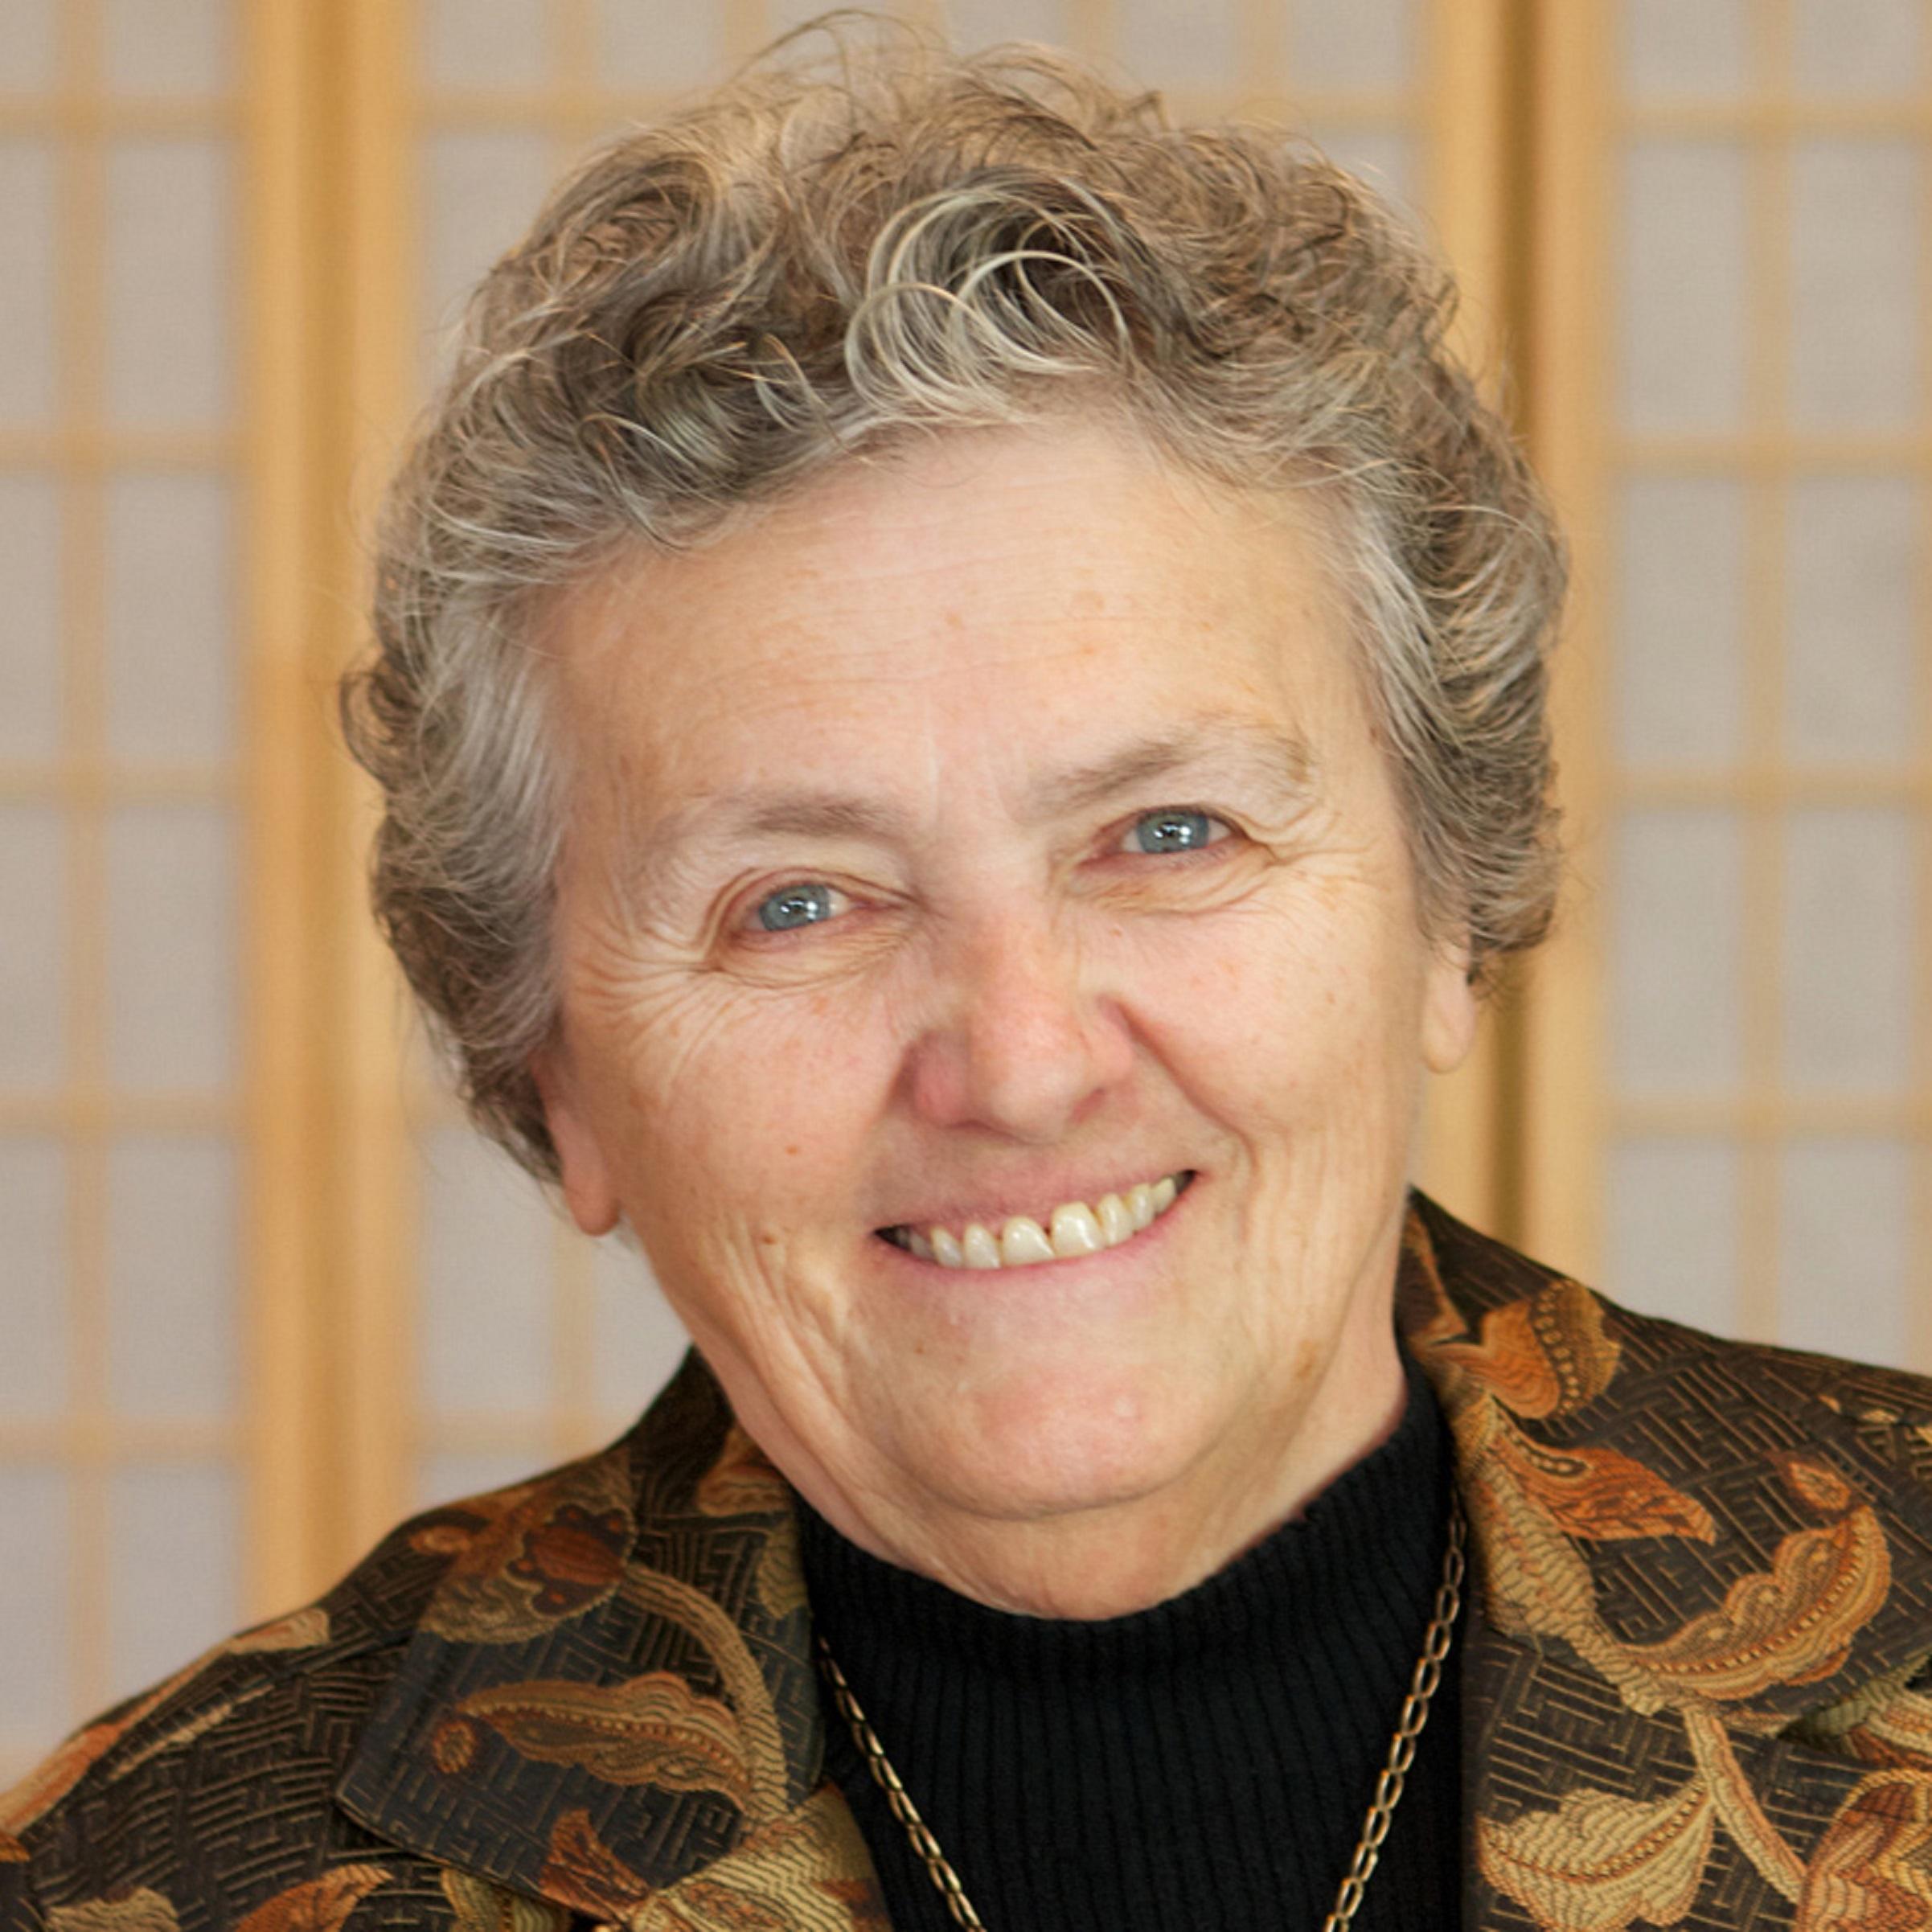 Speaker: Sister Joan Chittister